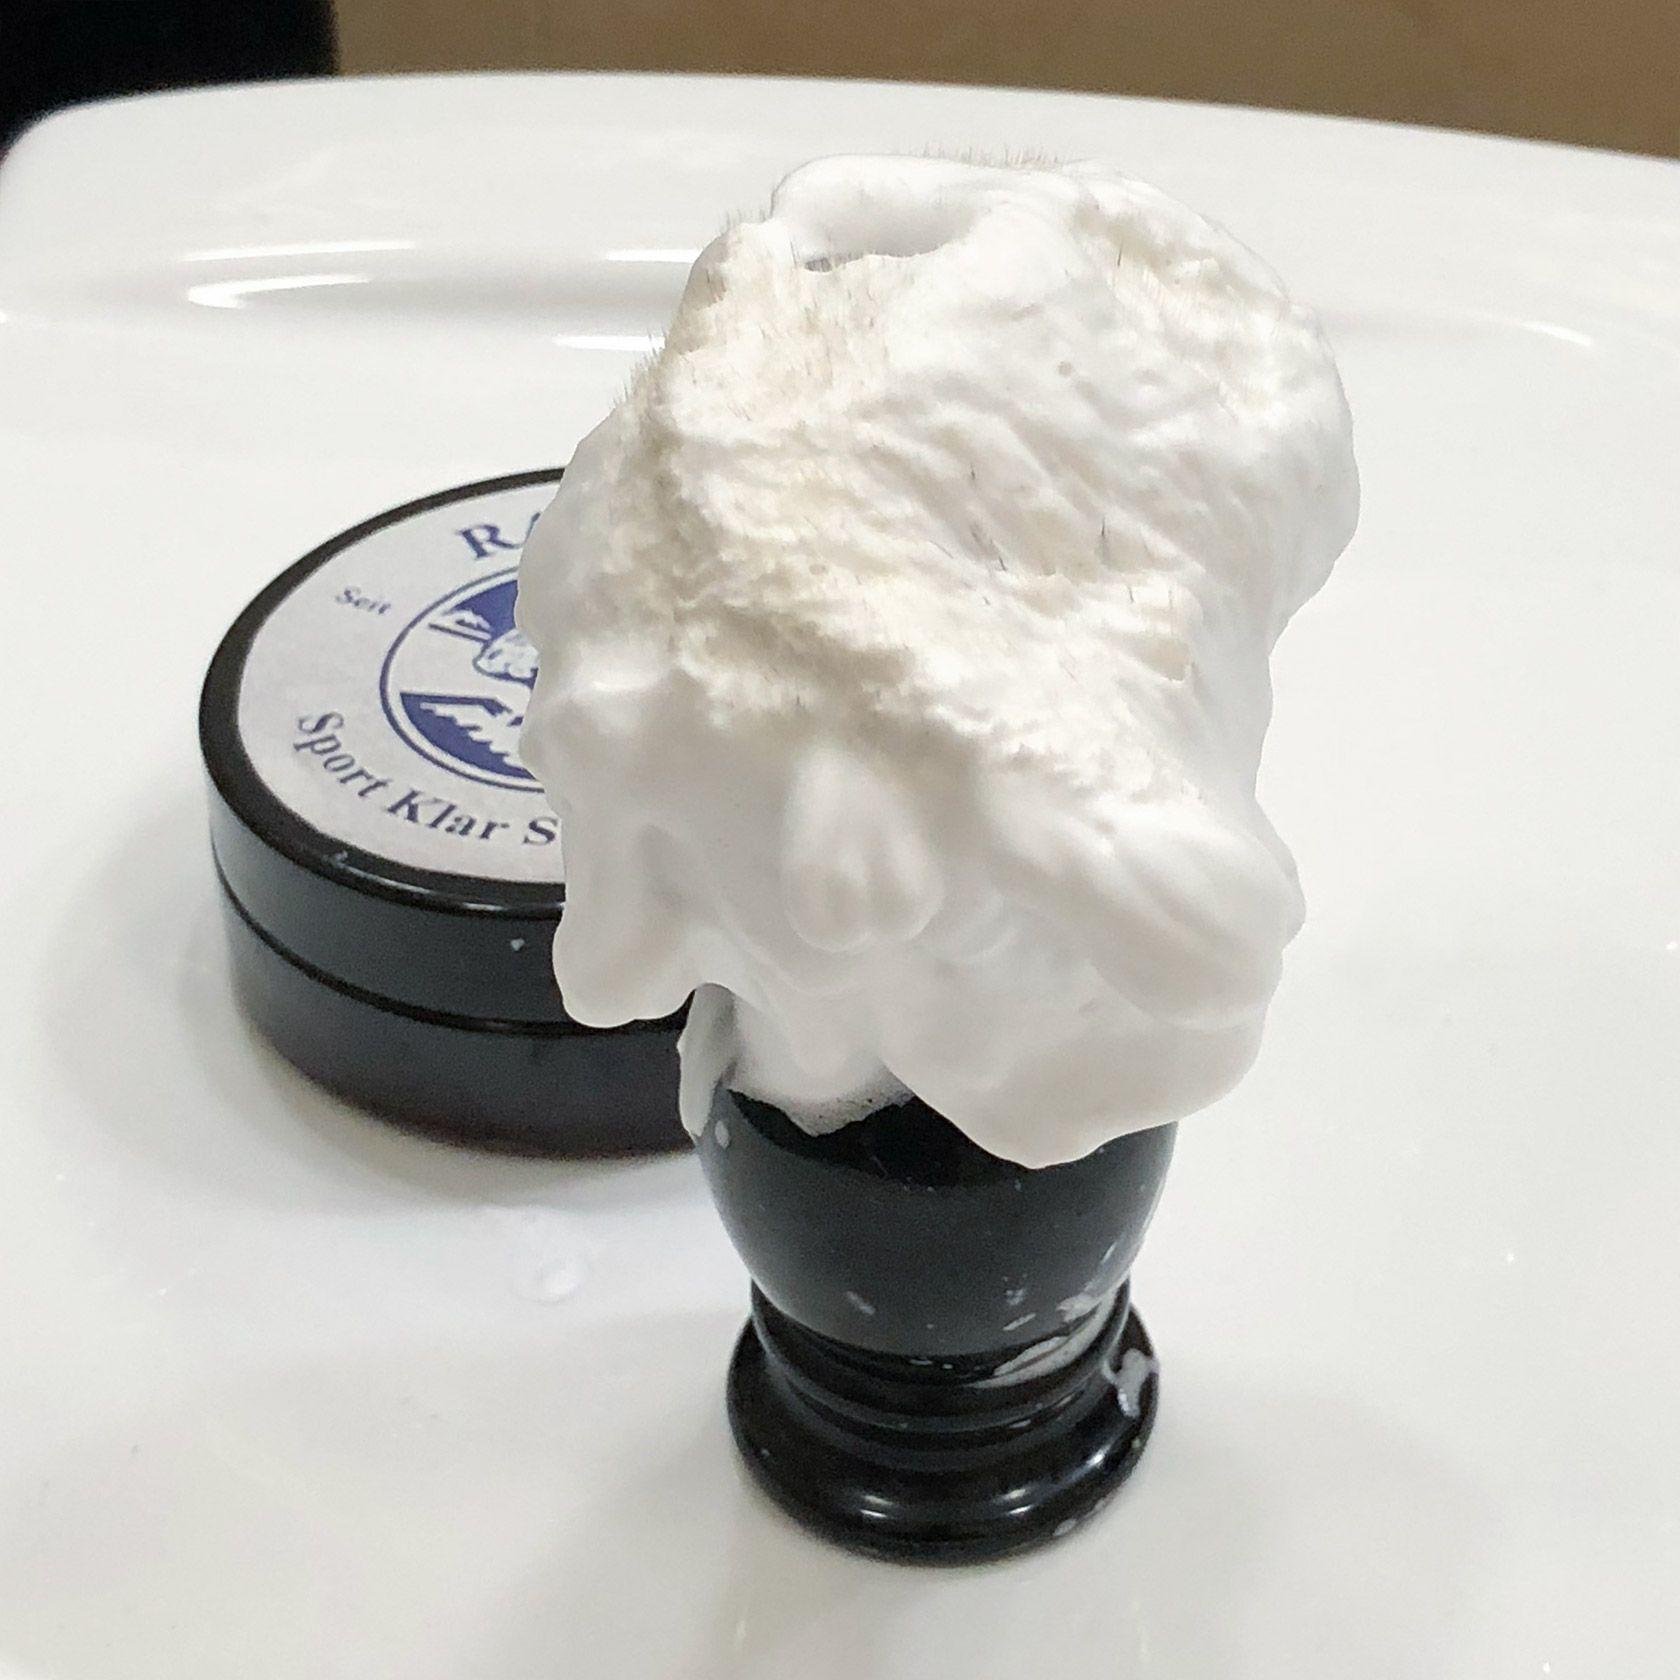 Piana wyrobiona z 1 grama mydła Klar Sport Rasierseife, pozostała na pędzlu po pierwszym nałożeniu